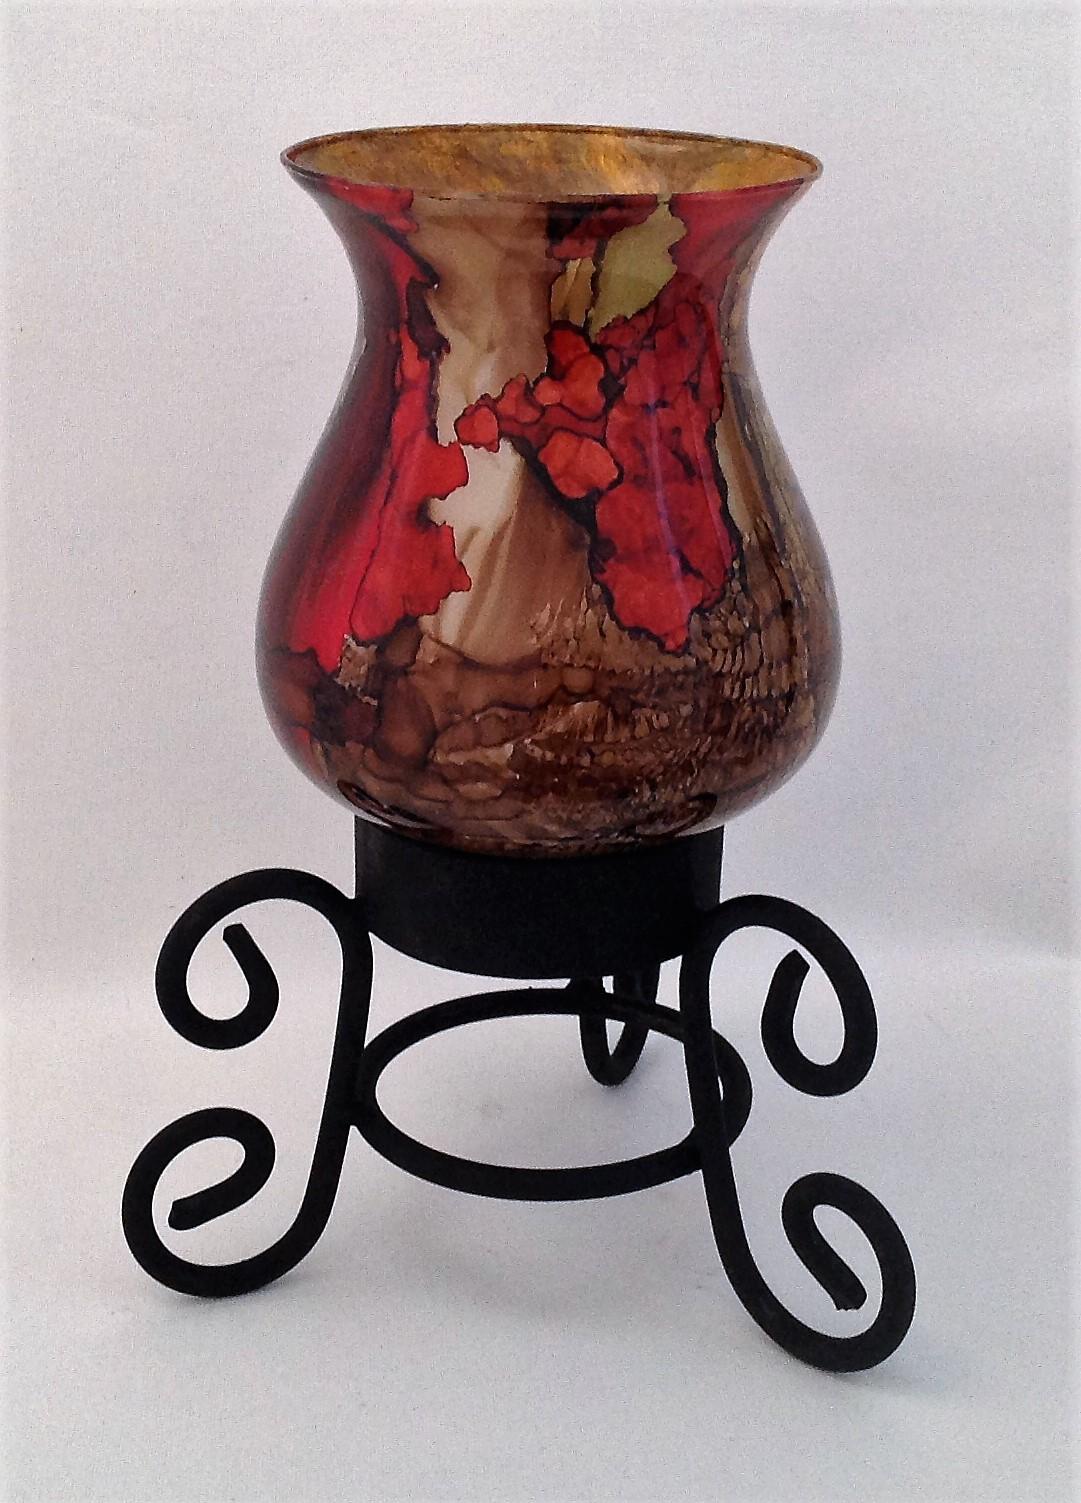 Claret Cup Cactus (1)